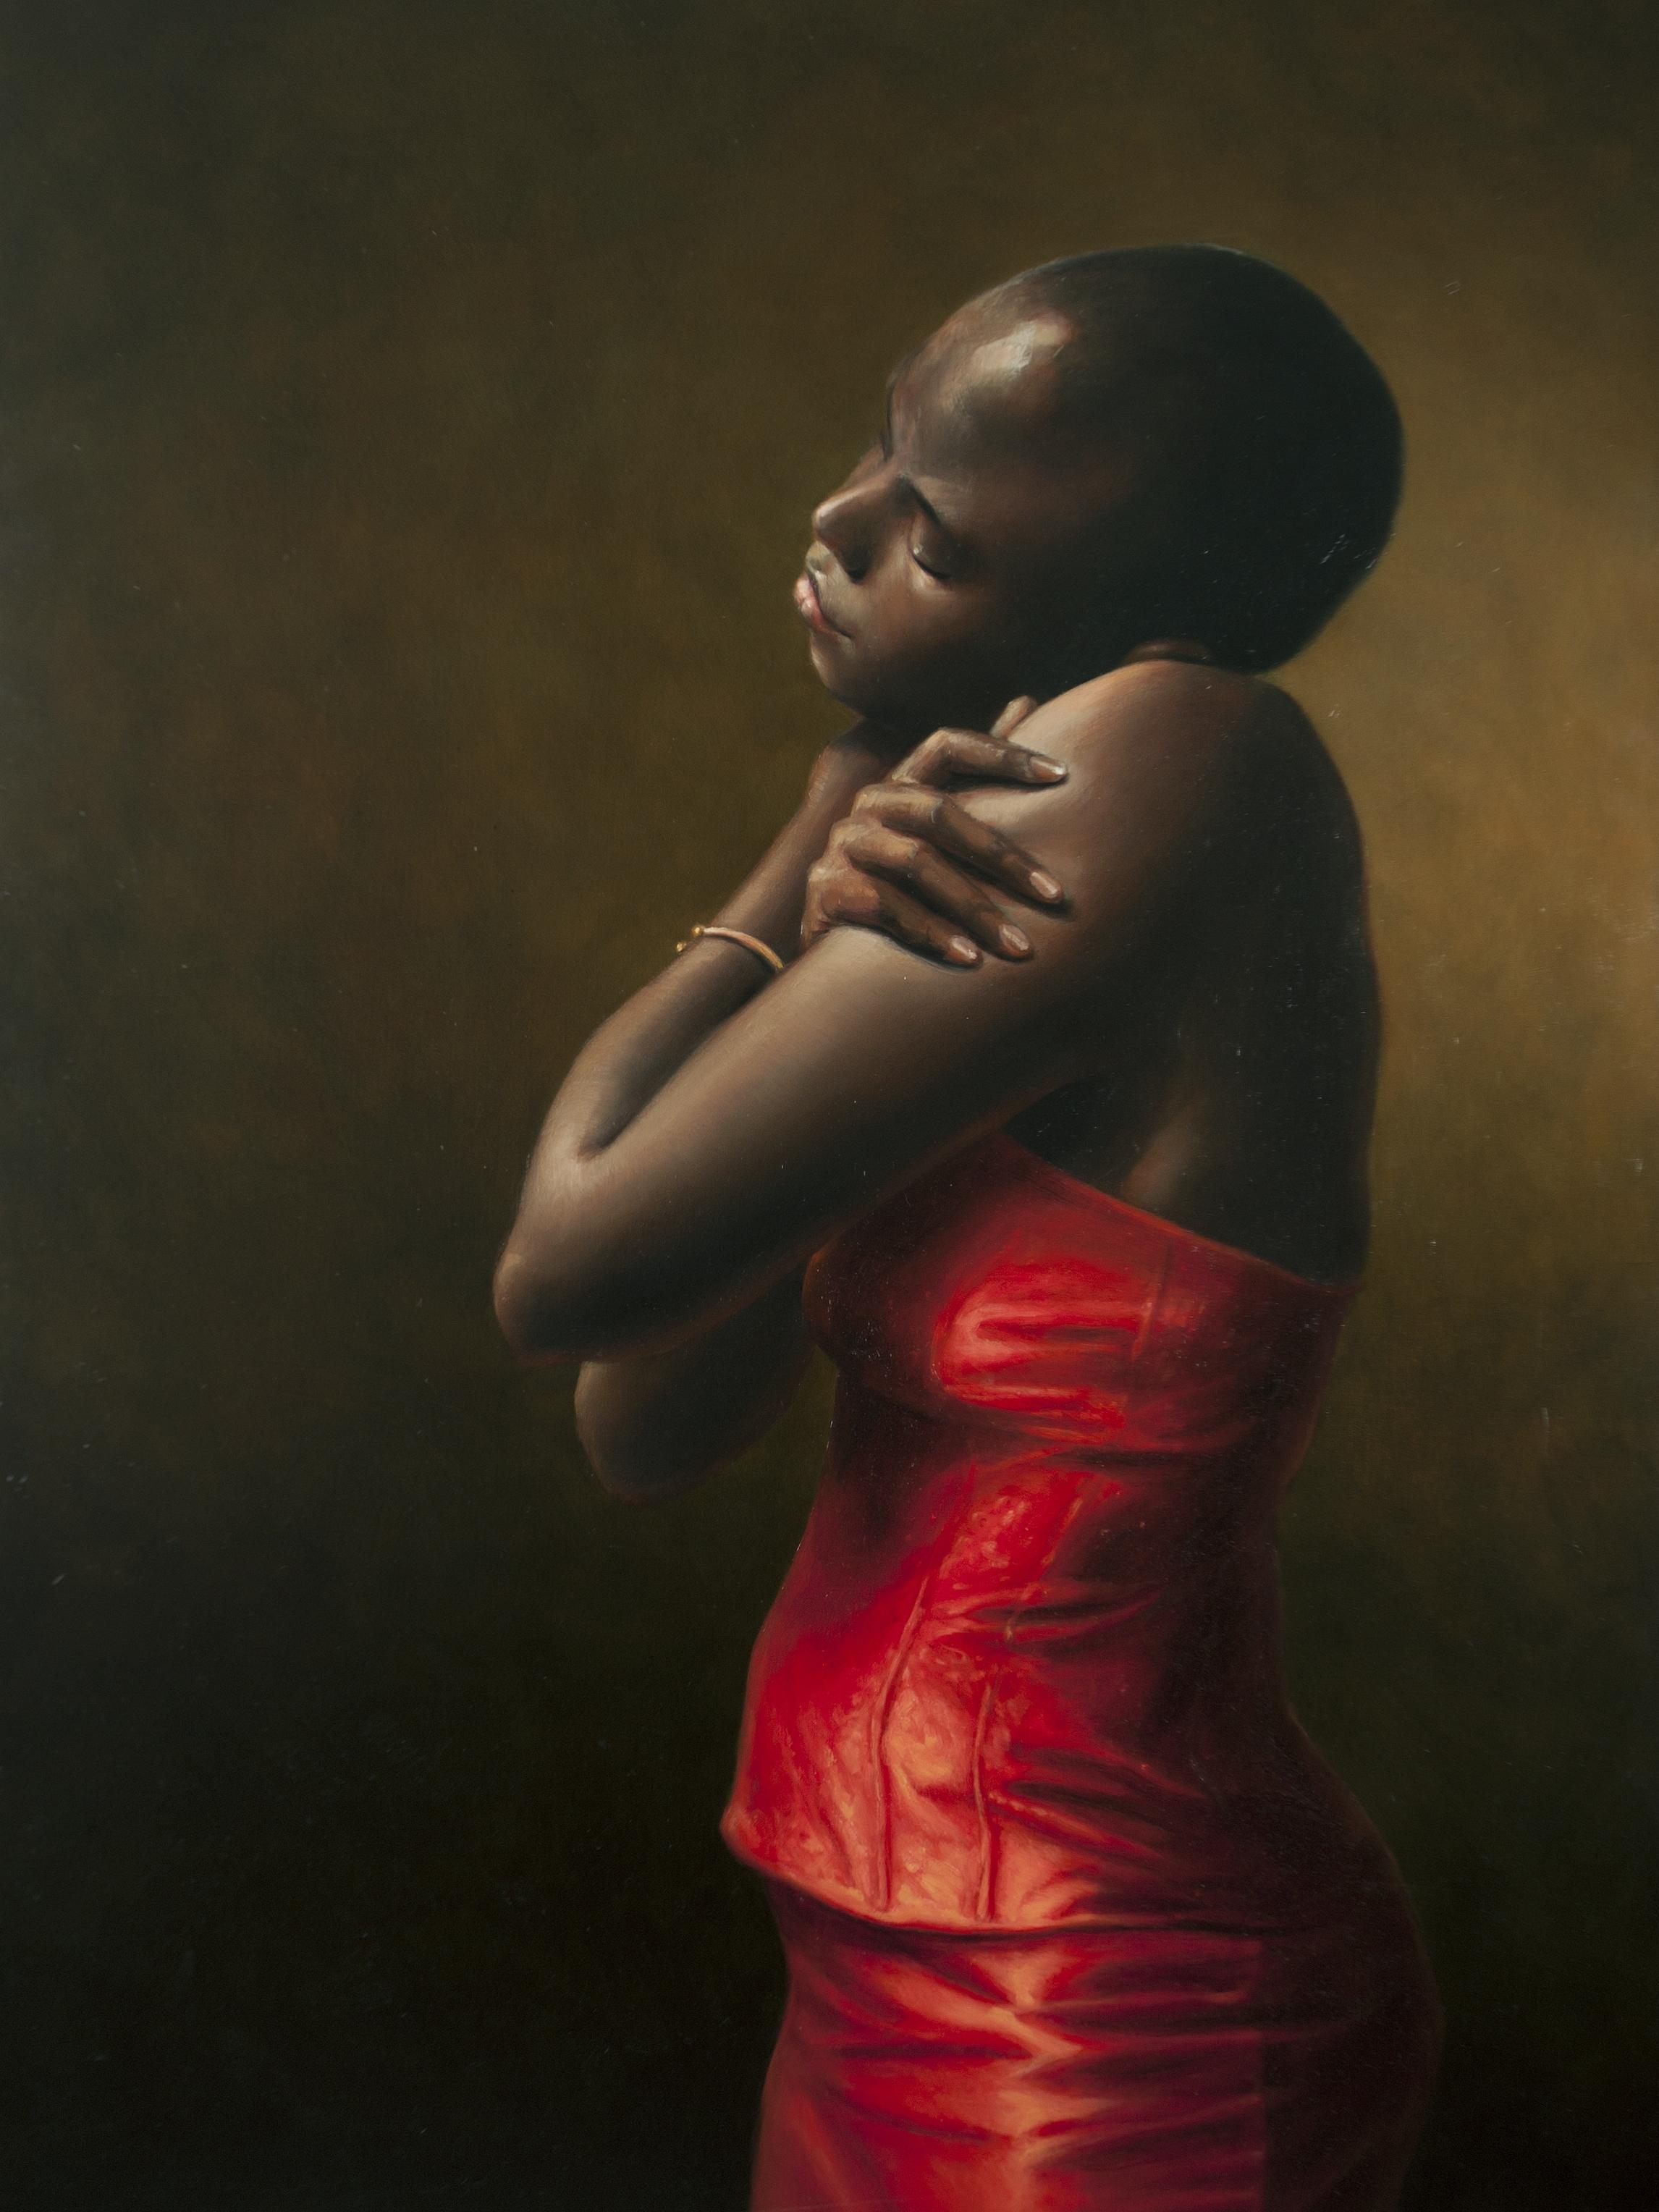 portrait-peinture-huile-commande-femme-photo-paris-france.jpg